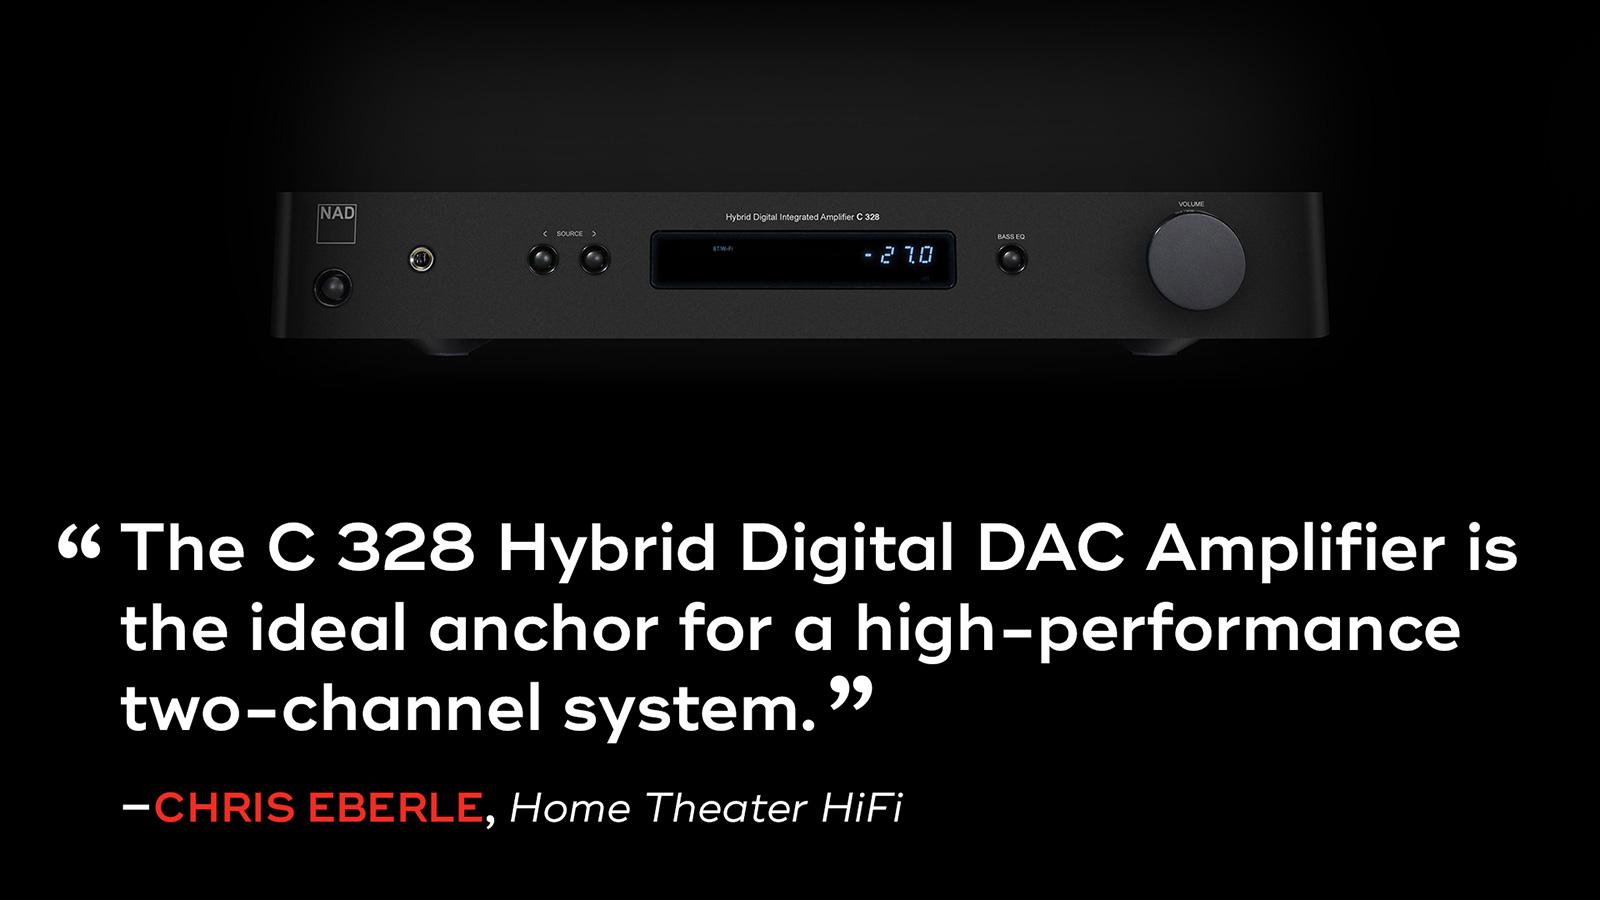 C 328 Amplifier